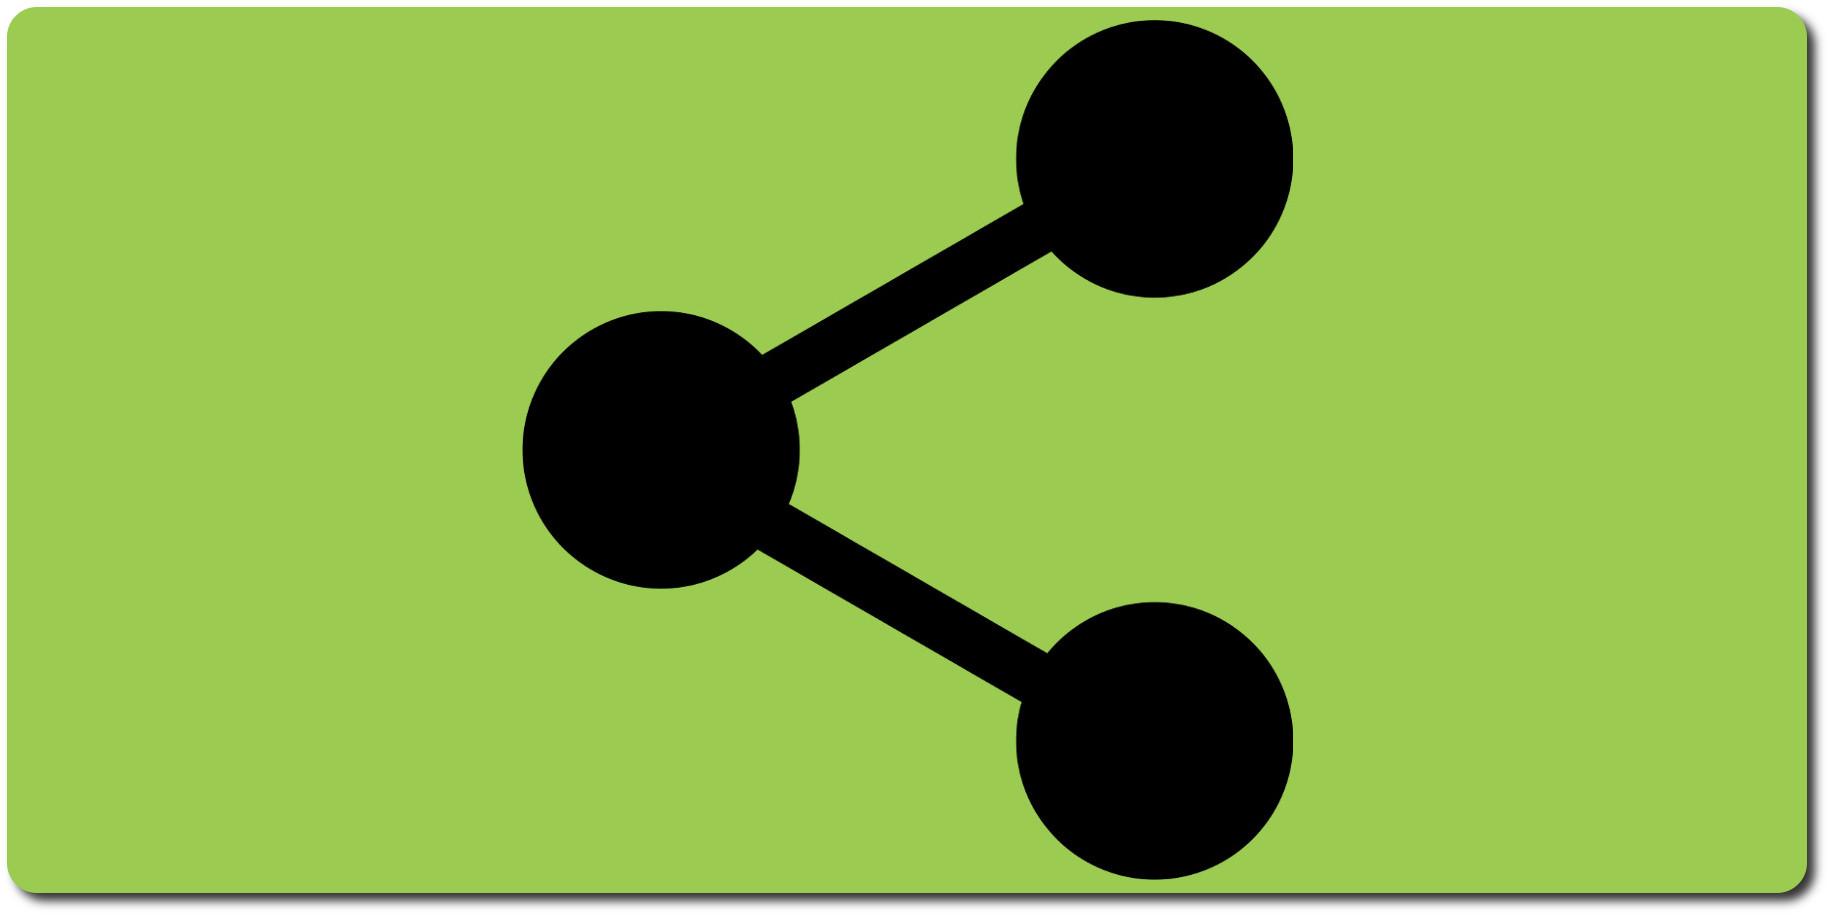 Ceveg - Condividi i contenuti